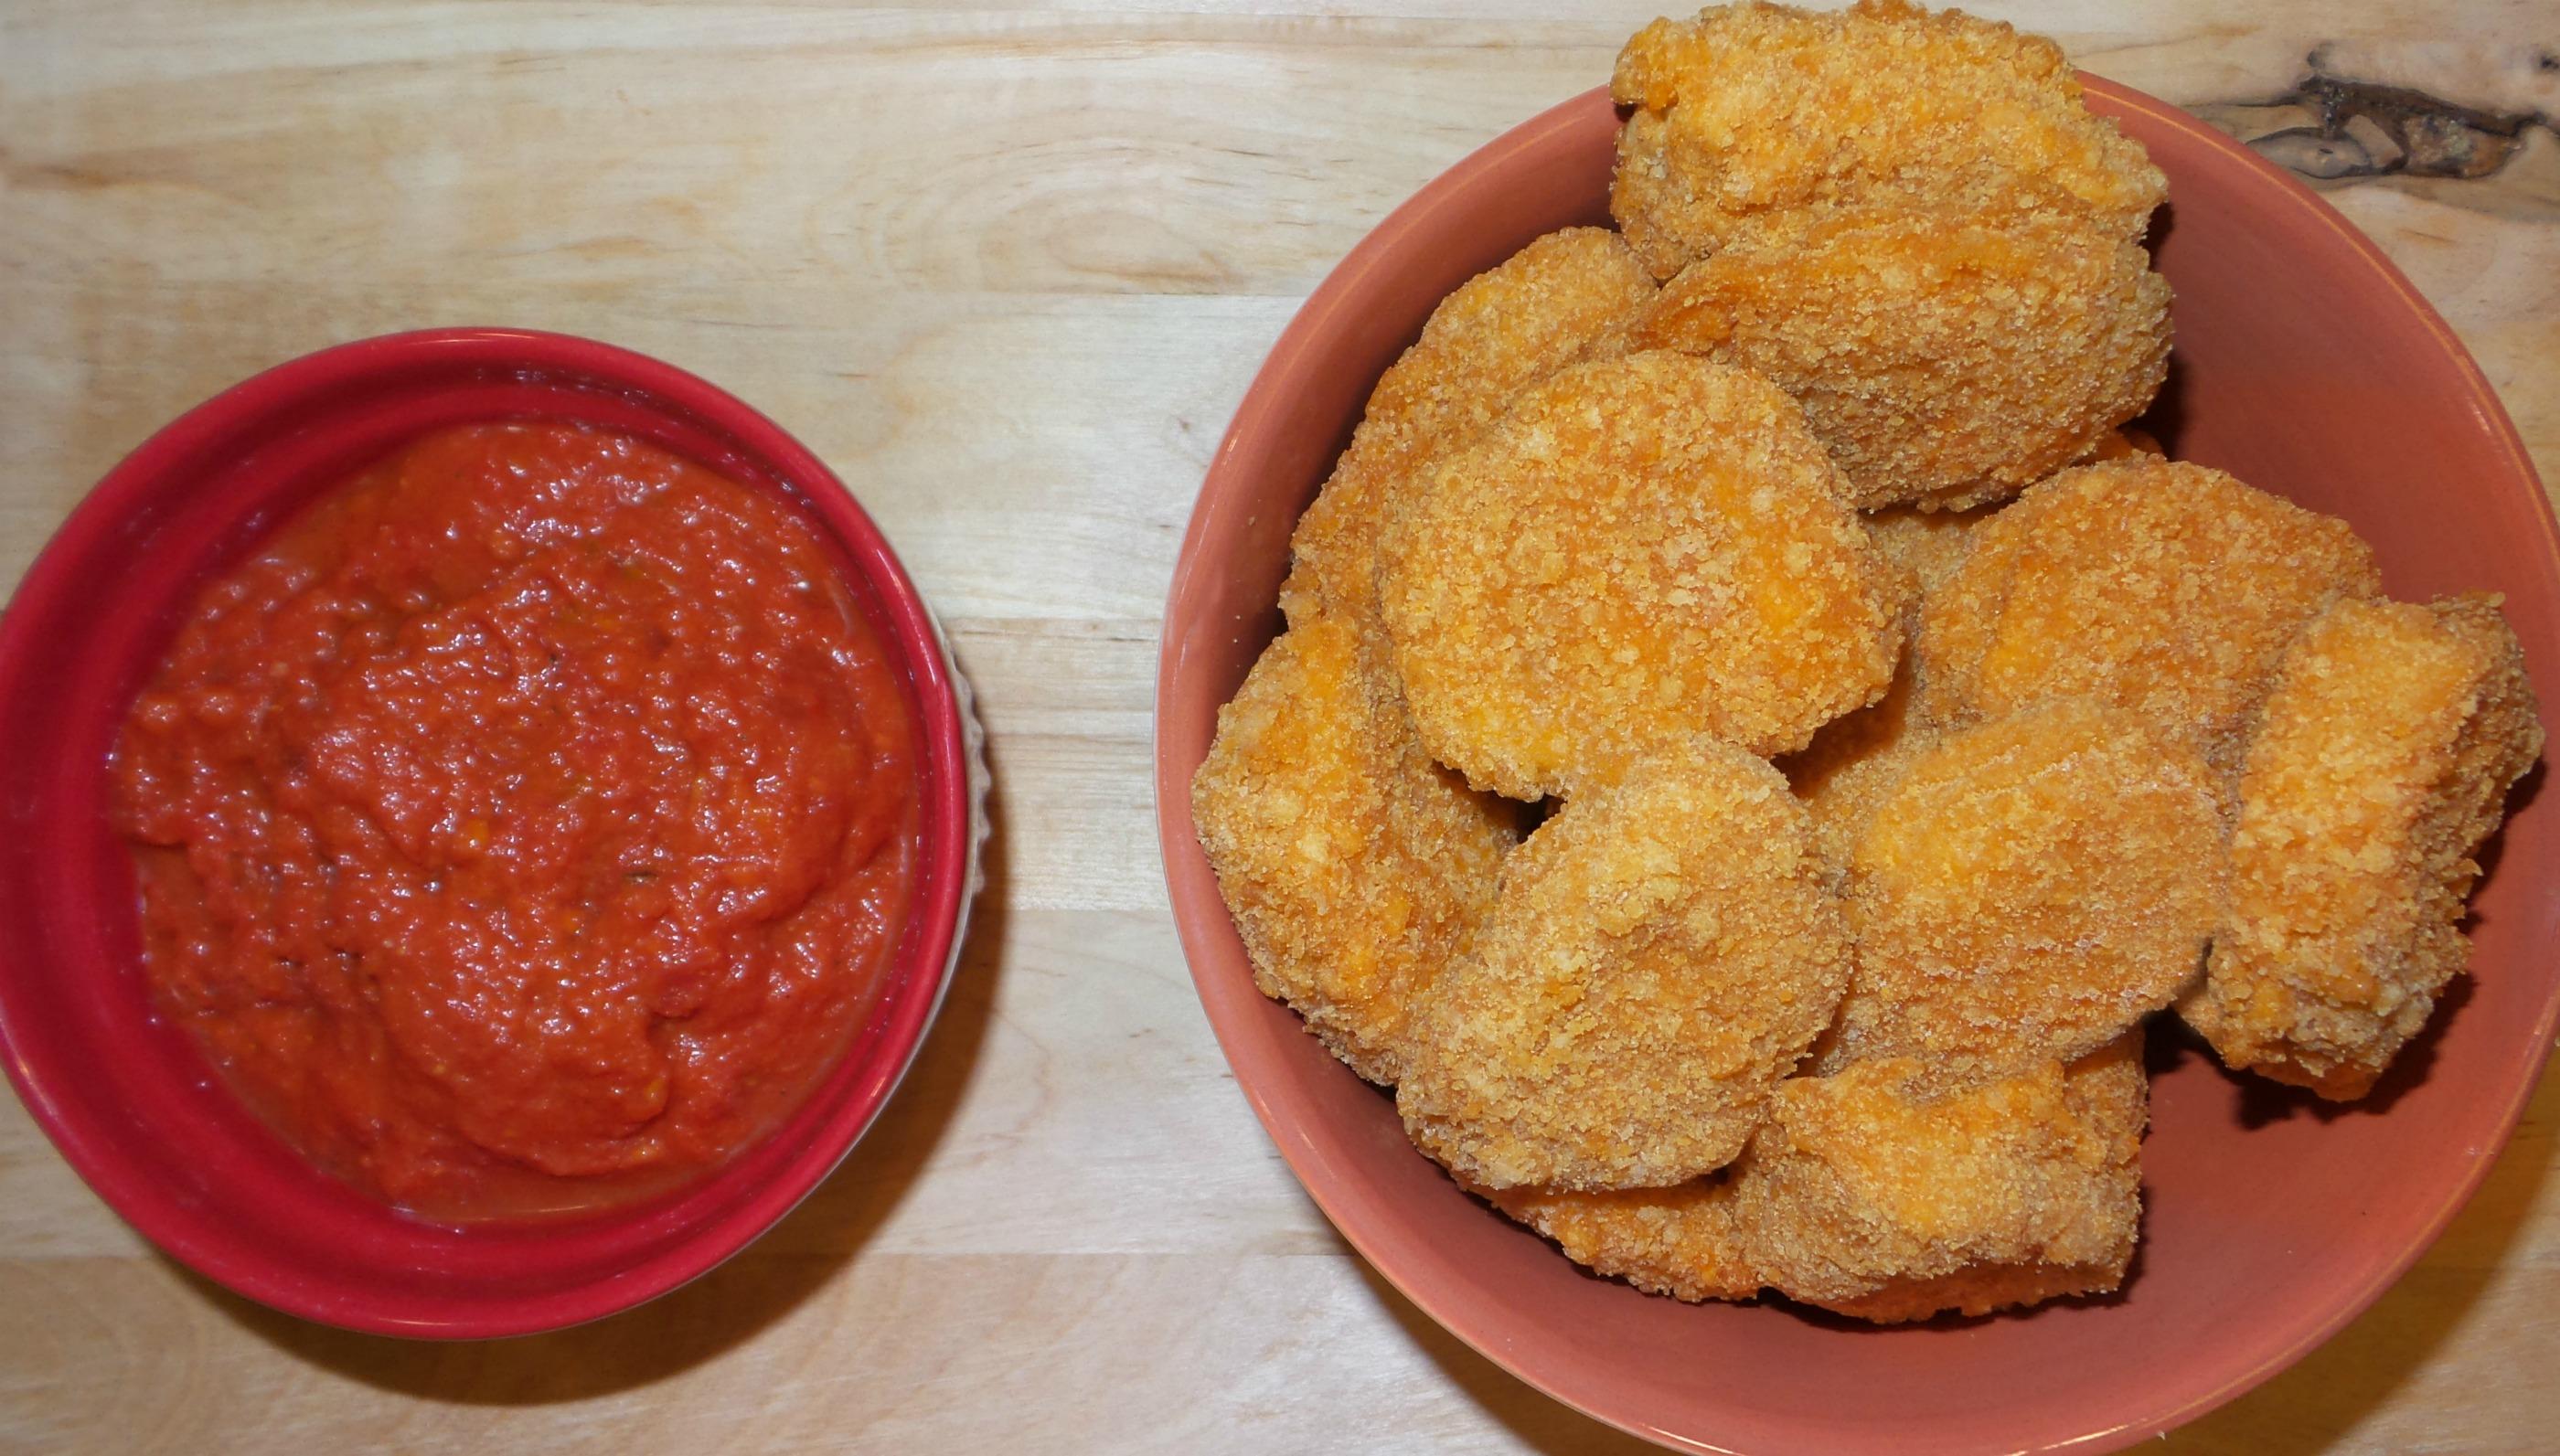 tyson chicken nuggets